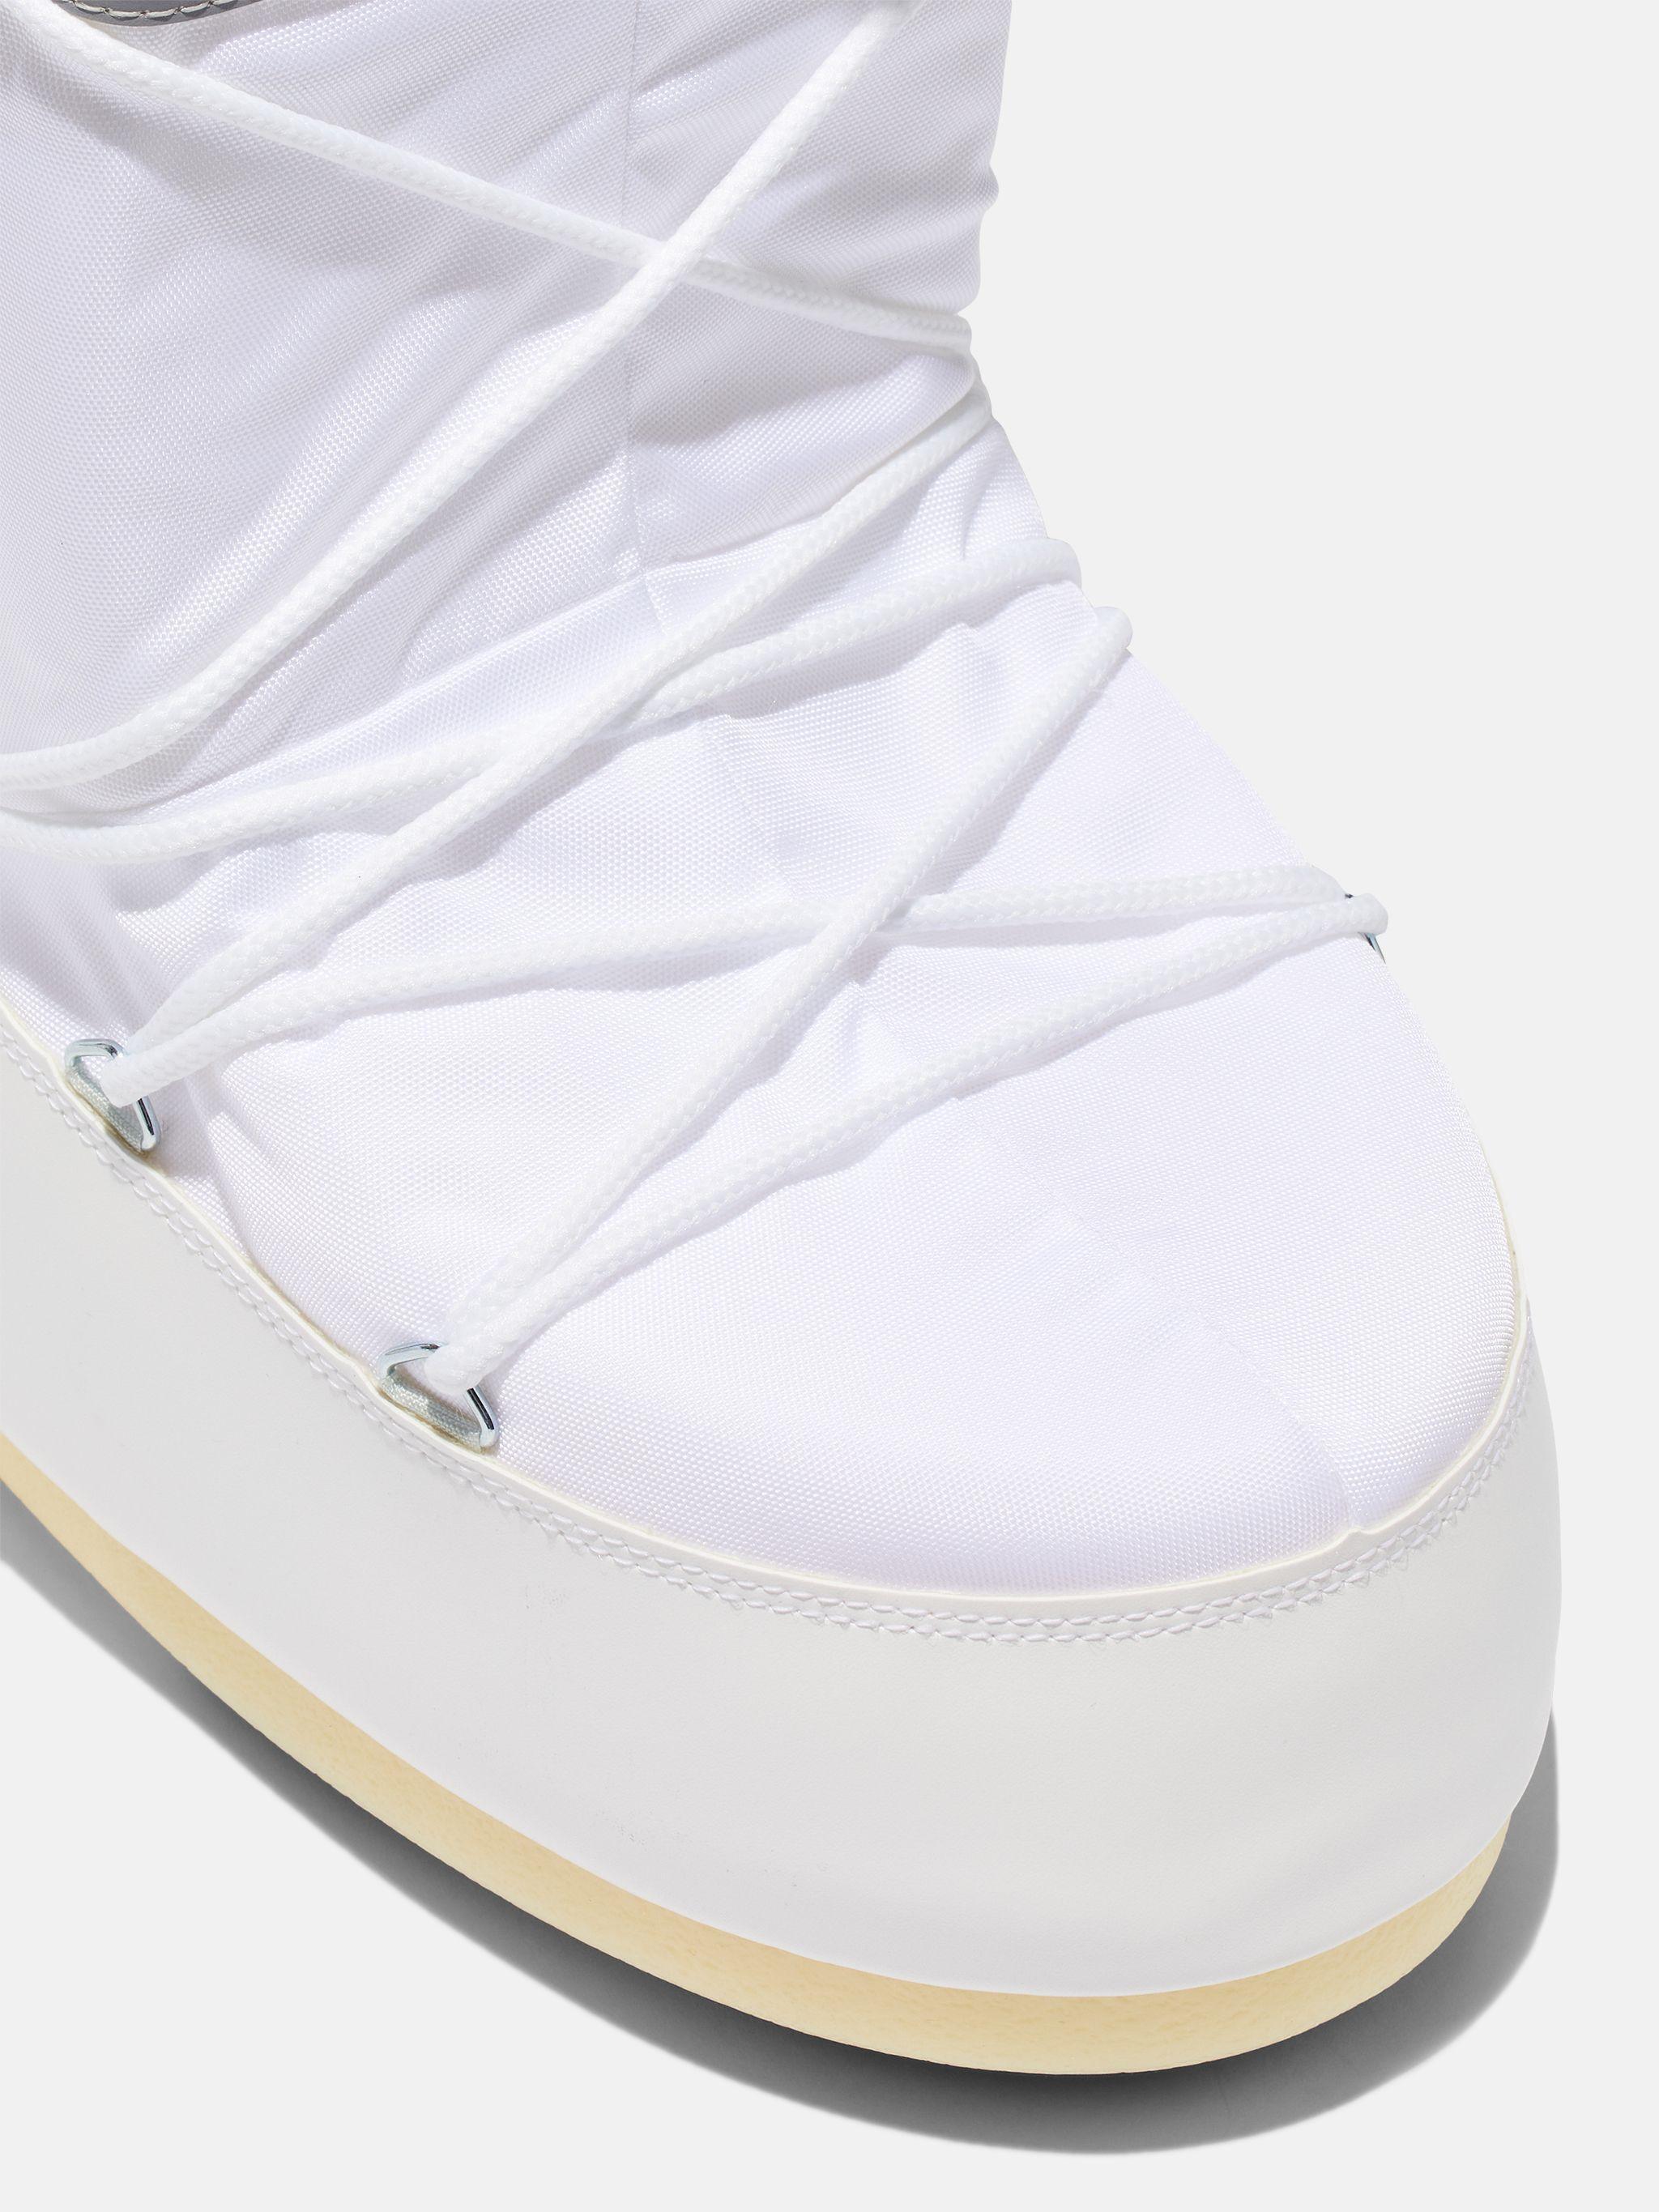 ICON WHITE NYLON BOOTS